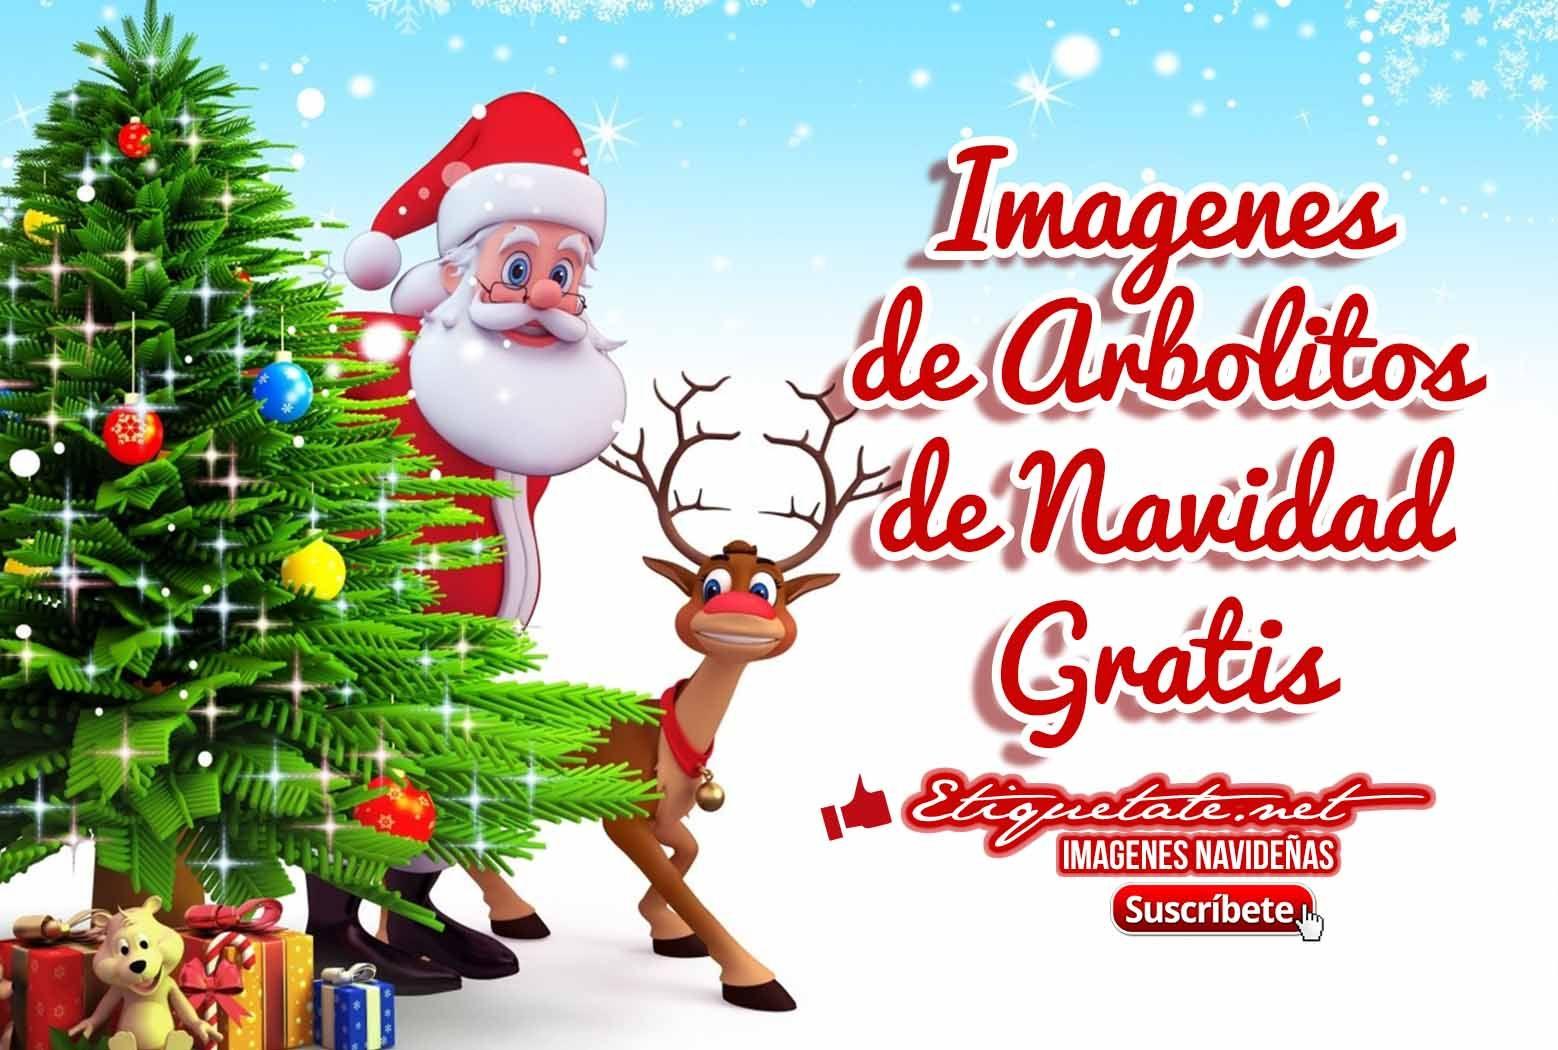 Imagenes de Arbolitos de Navidad Gratis VER EN http